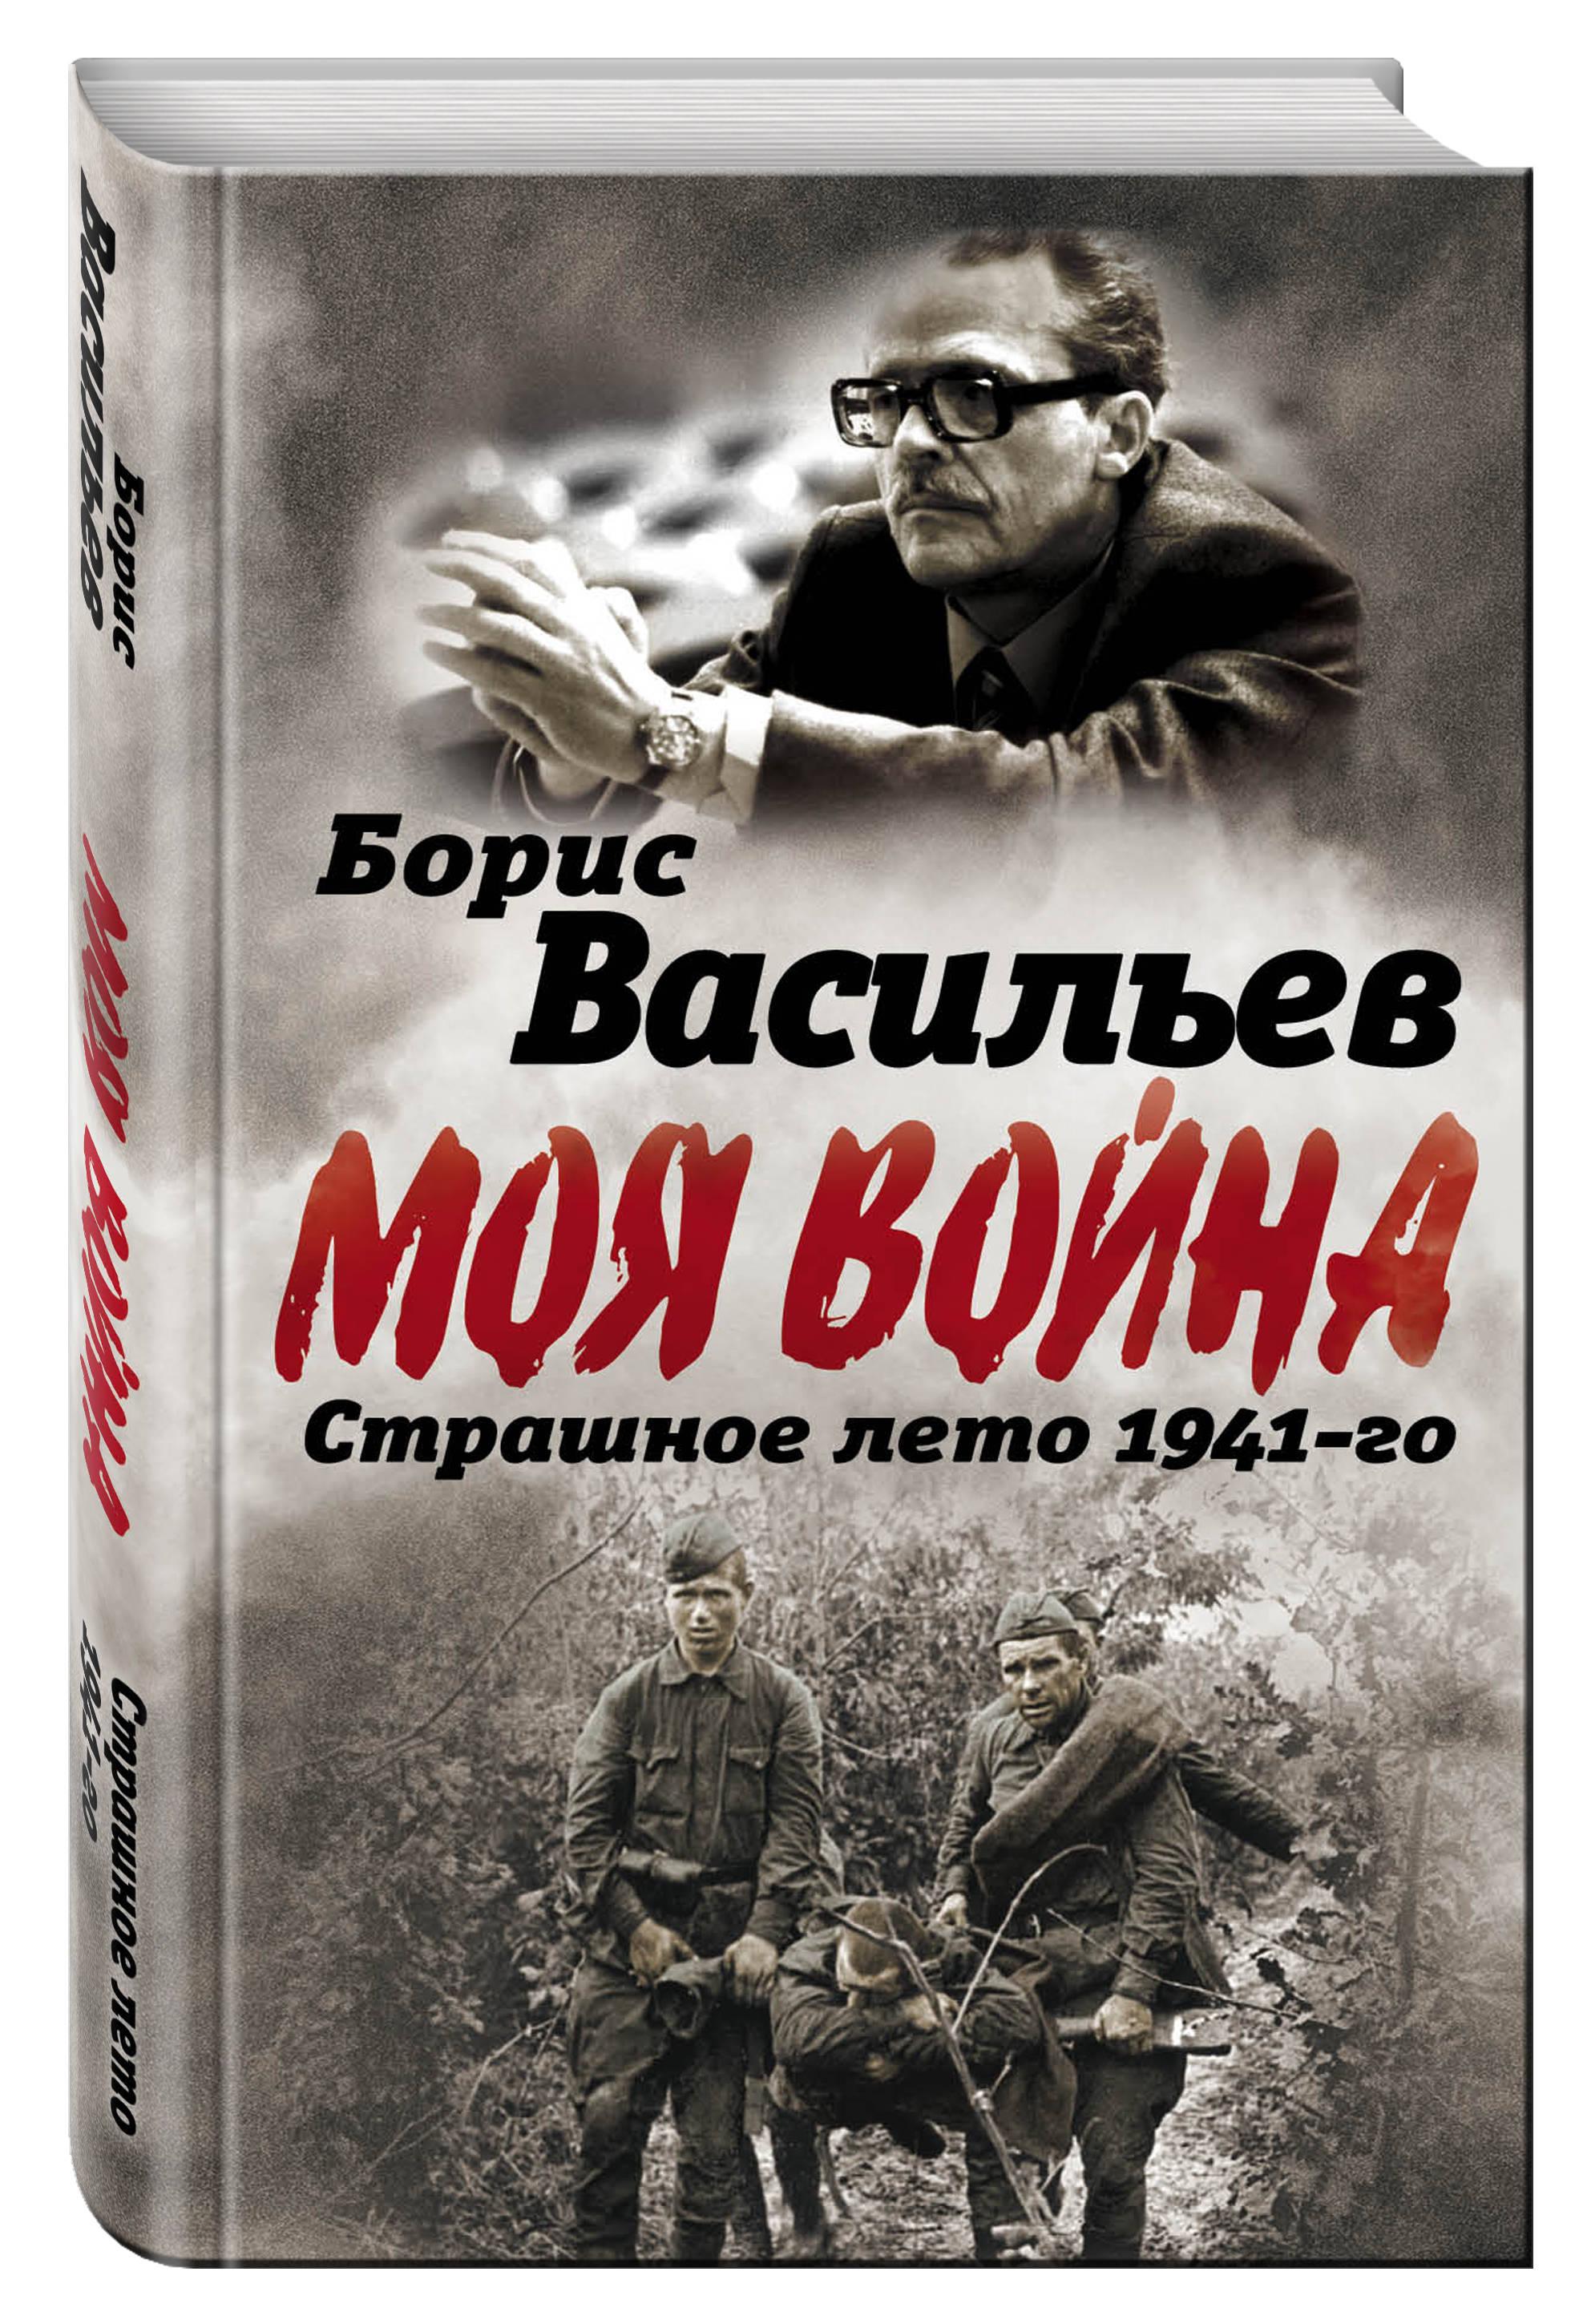 борис васильев были и небыли книга 2 господа офицеры Васильев Б.Л. В окружении. Страшное лето 1941-го